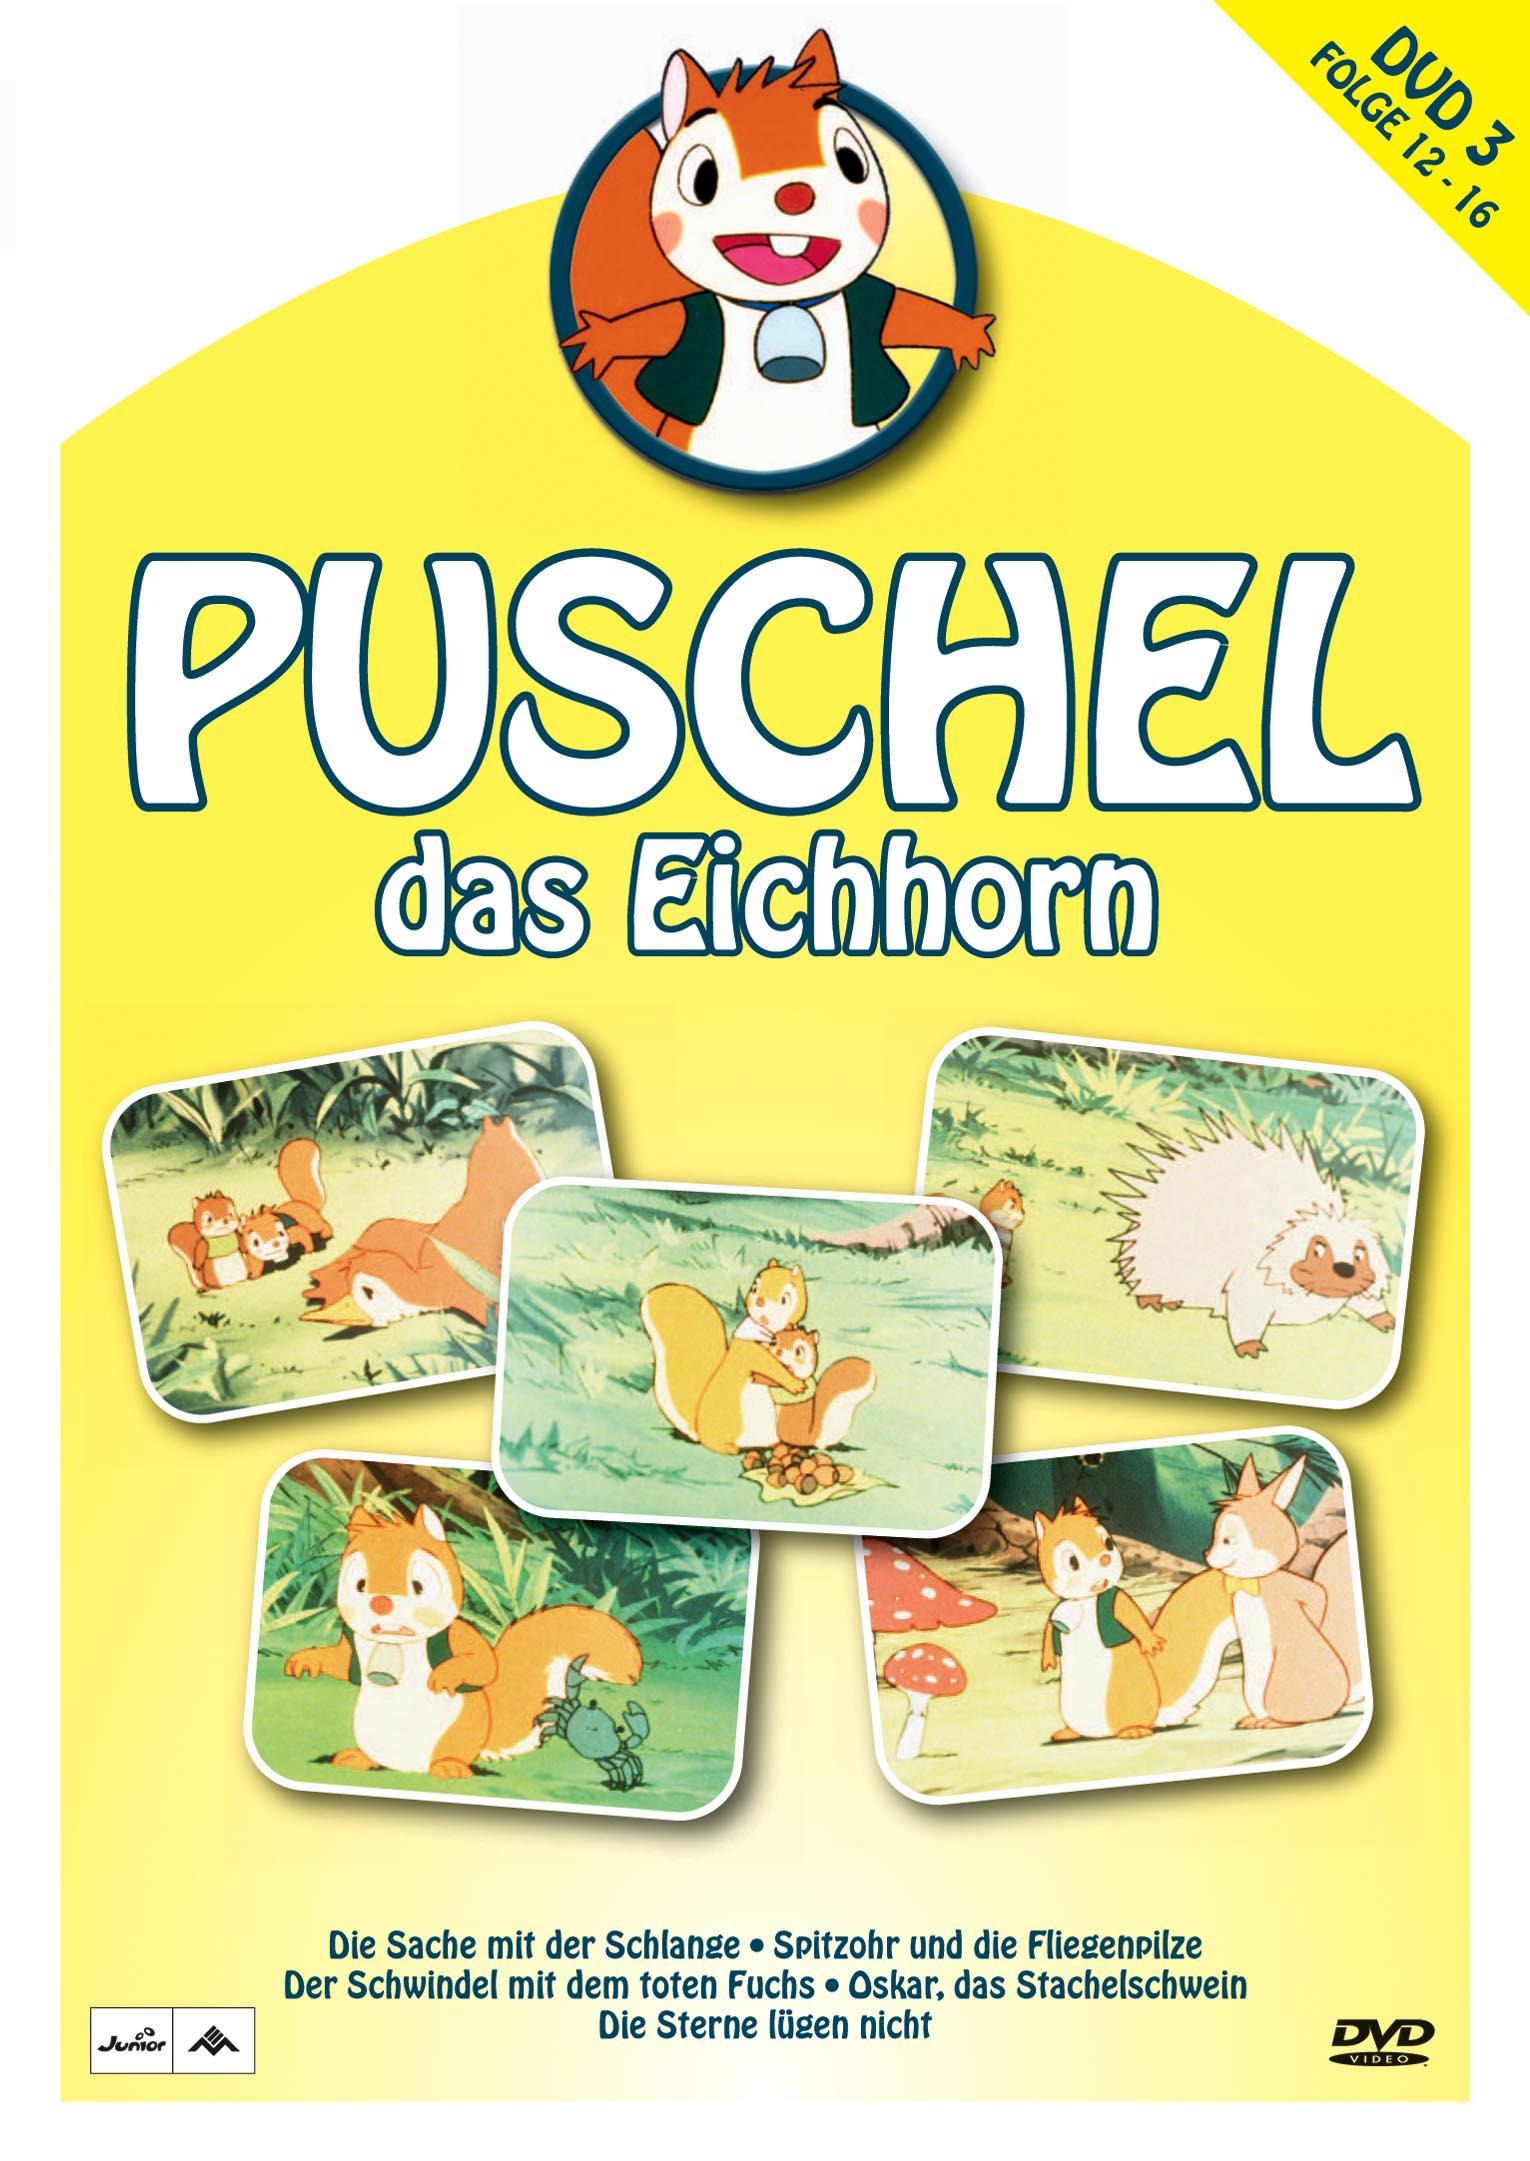 Puschel, das Eichhorn, DVD 3 Poster